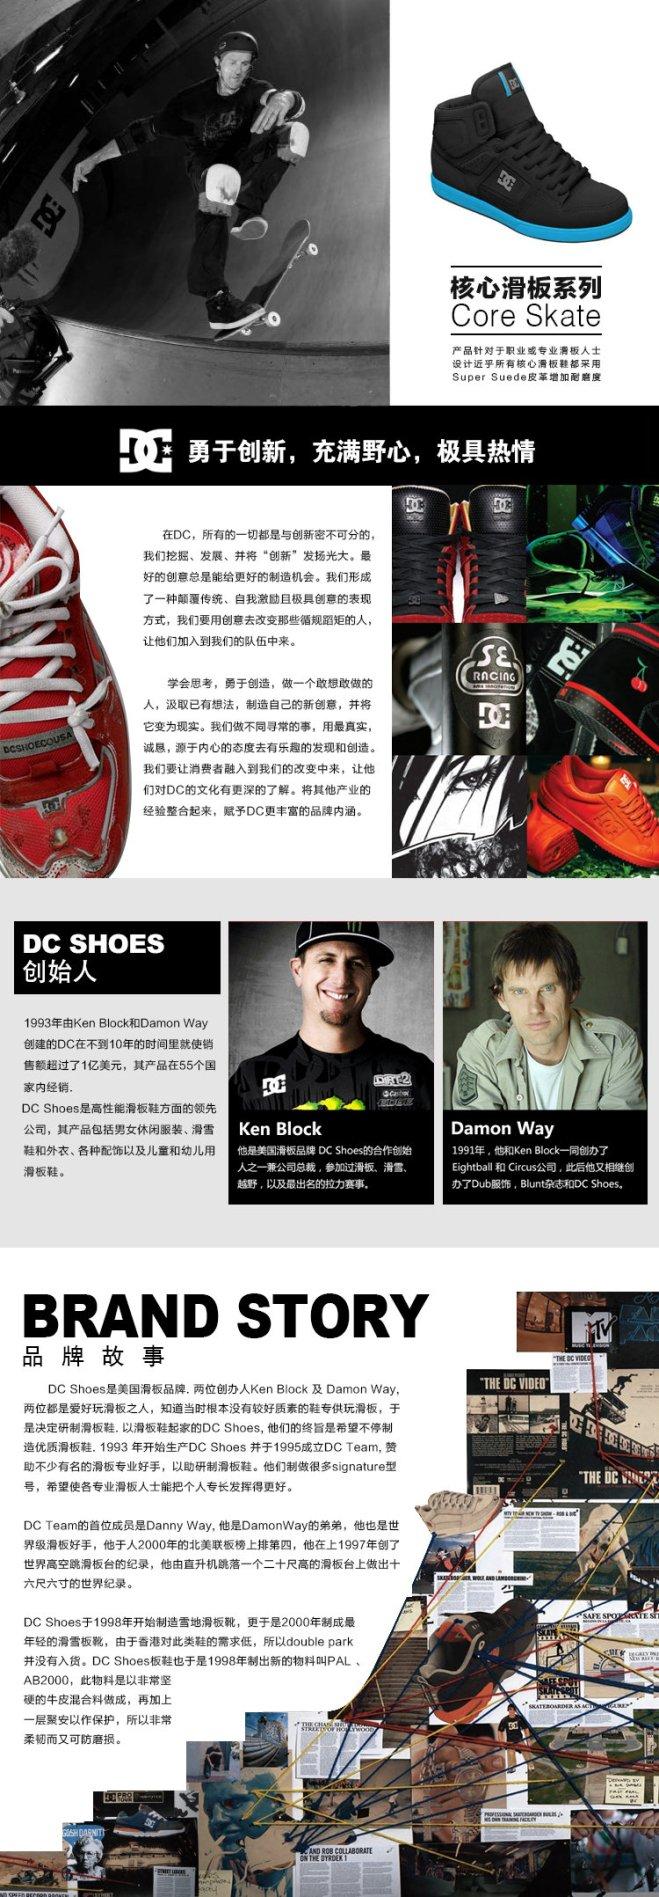 DC Shoes -亚马逊中国